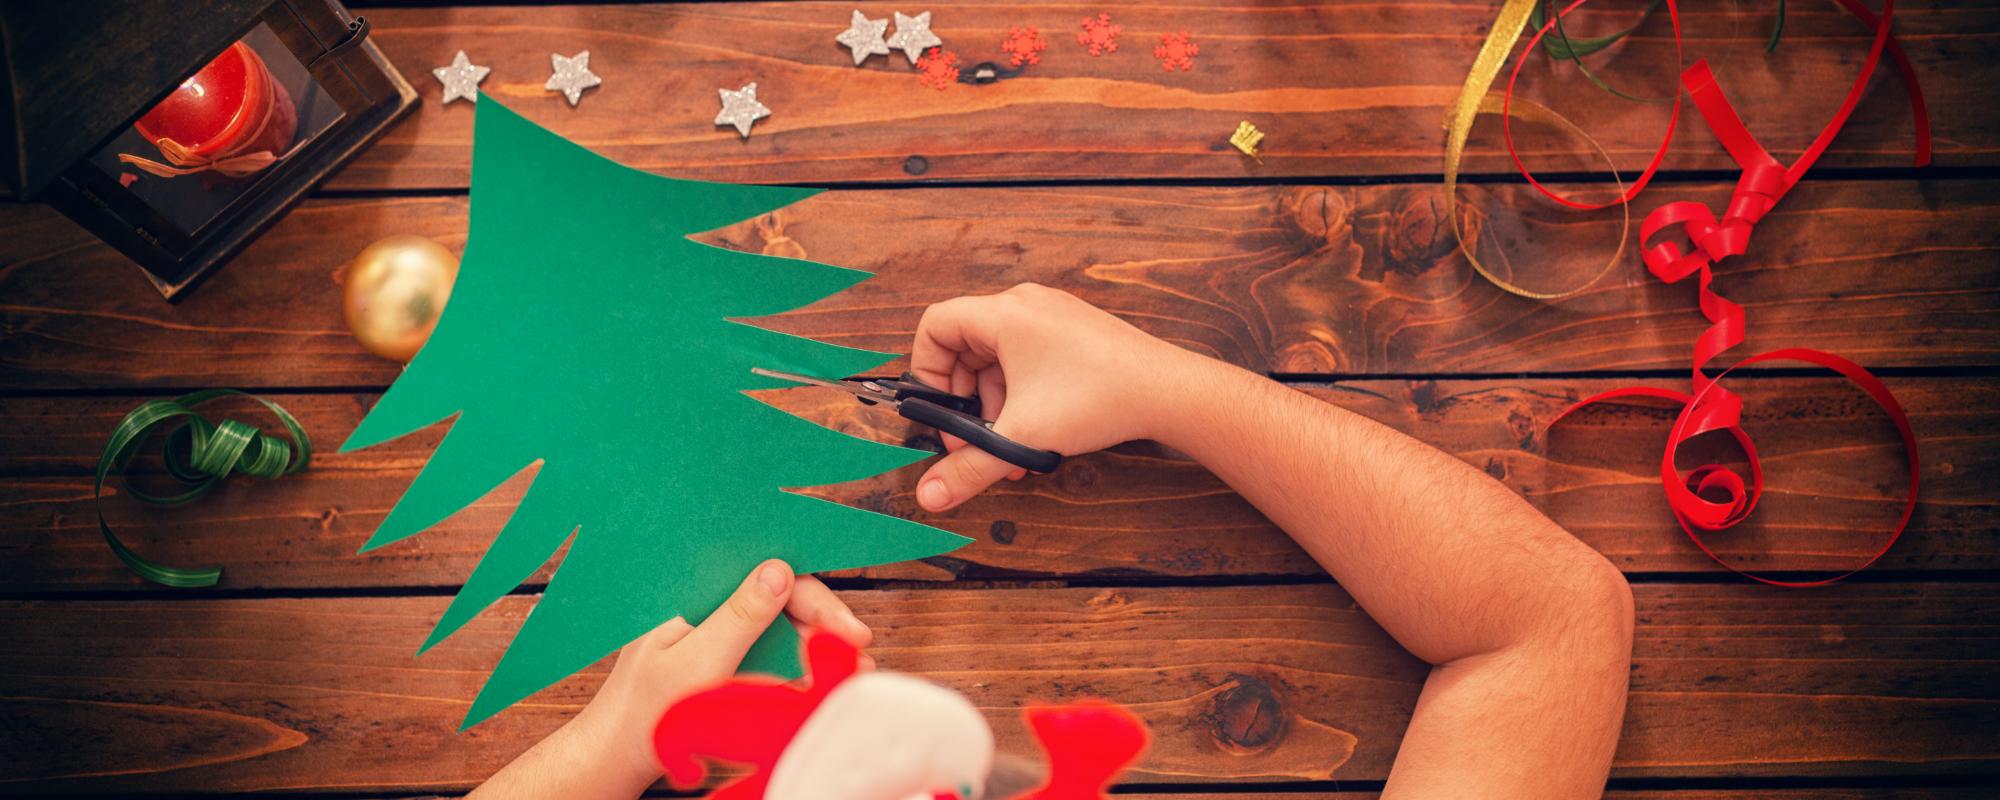 Formas De Decorar En Navidad.10 Consejos Para Decorar Tu Casa En Navidad De Forma